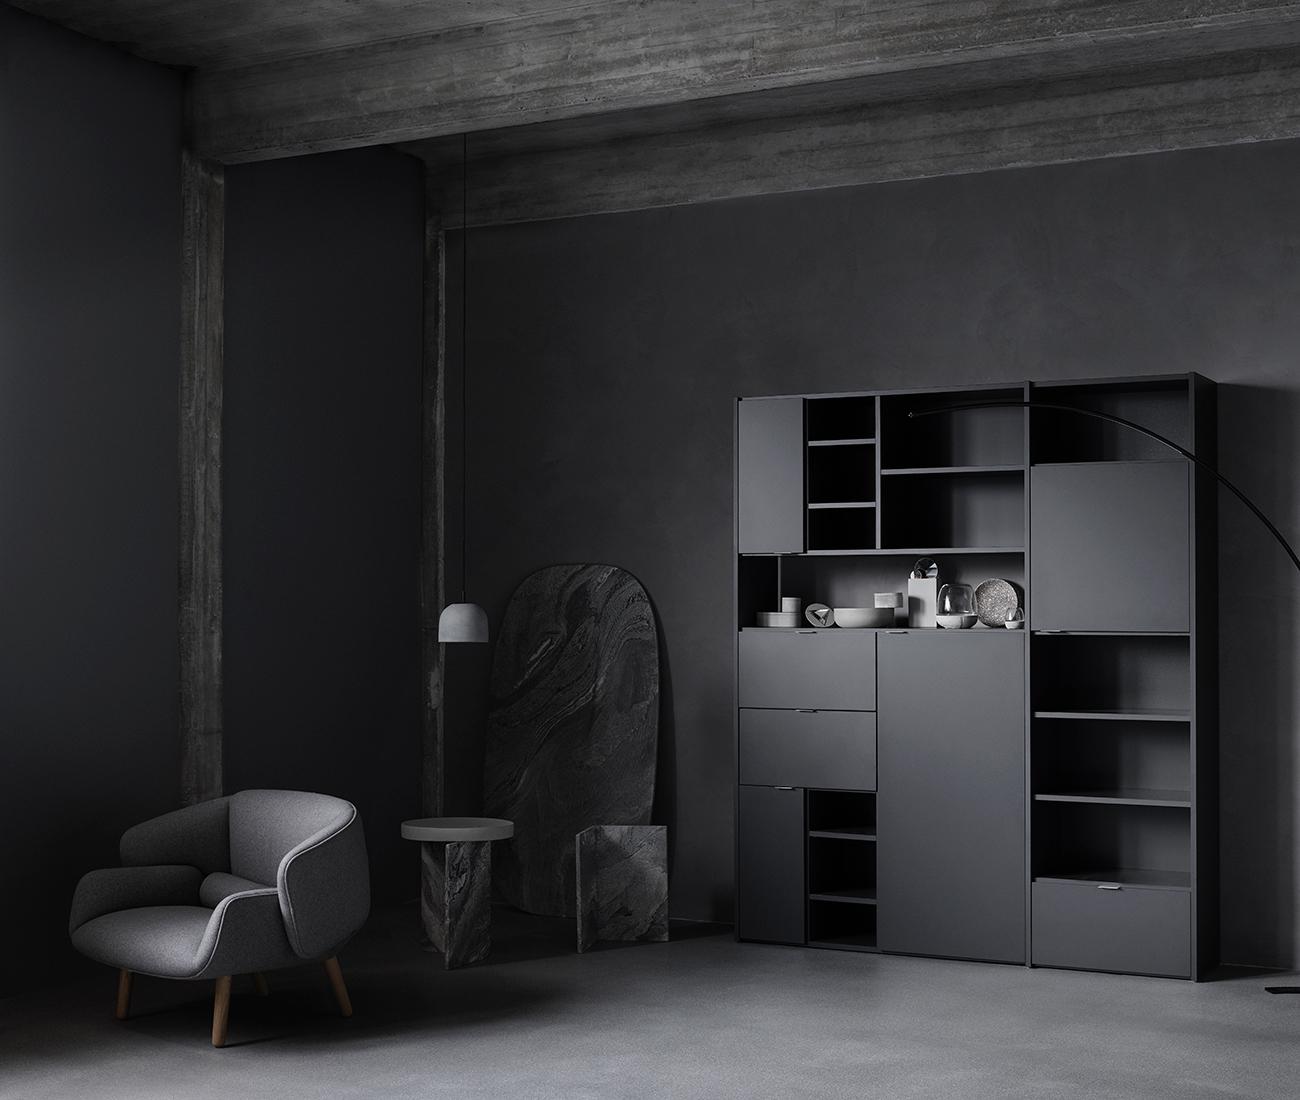 Dark living room inspiration with black Copenhagen wall system